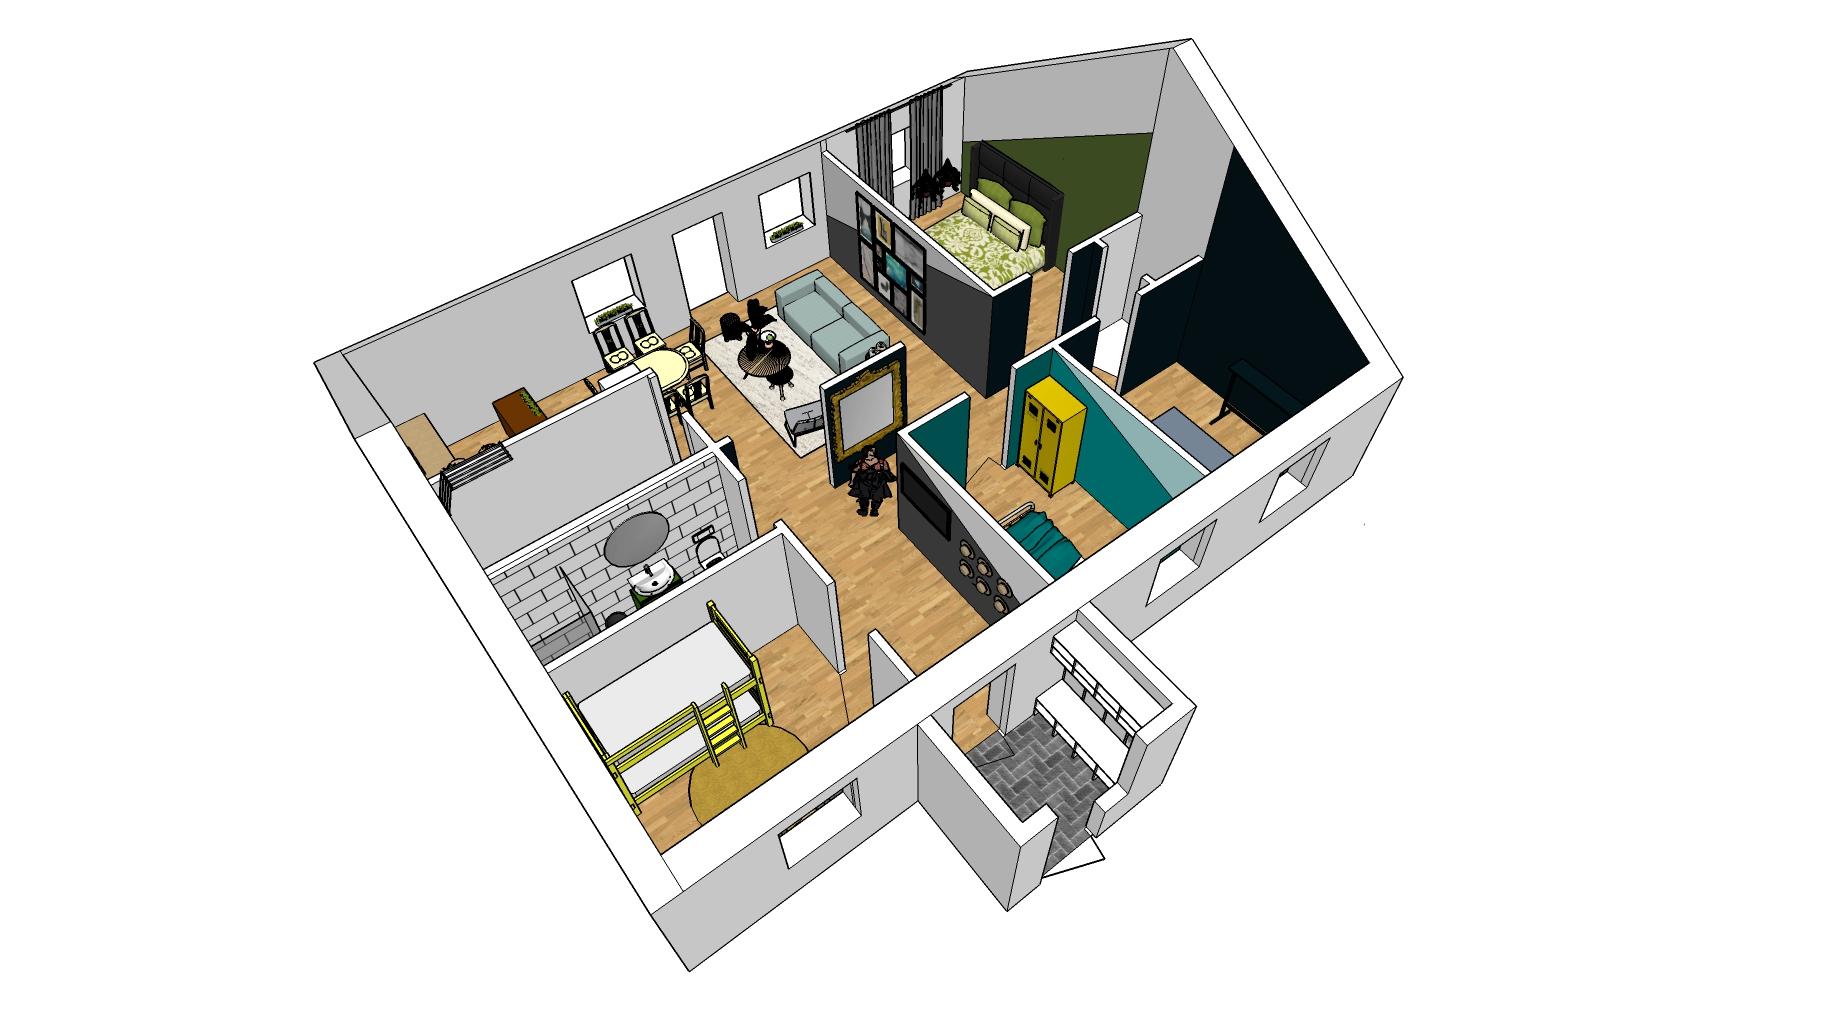 Hus utan sladd - Wenngarn översikt 3d